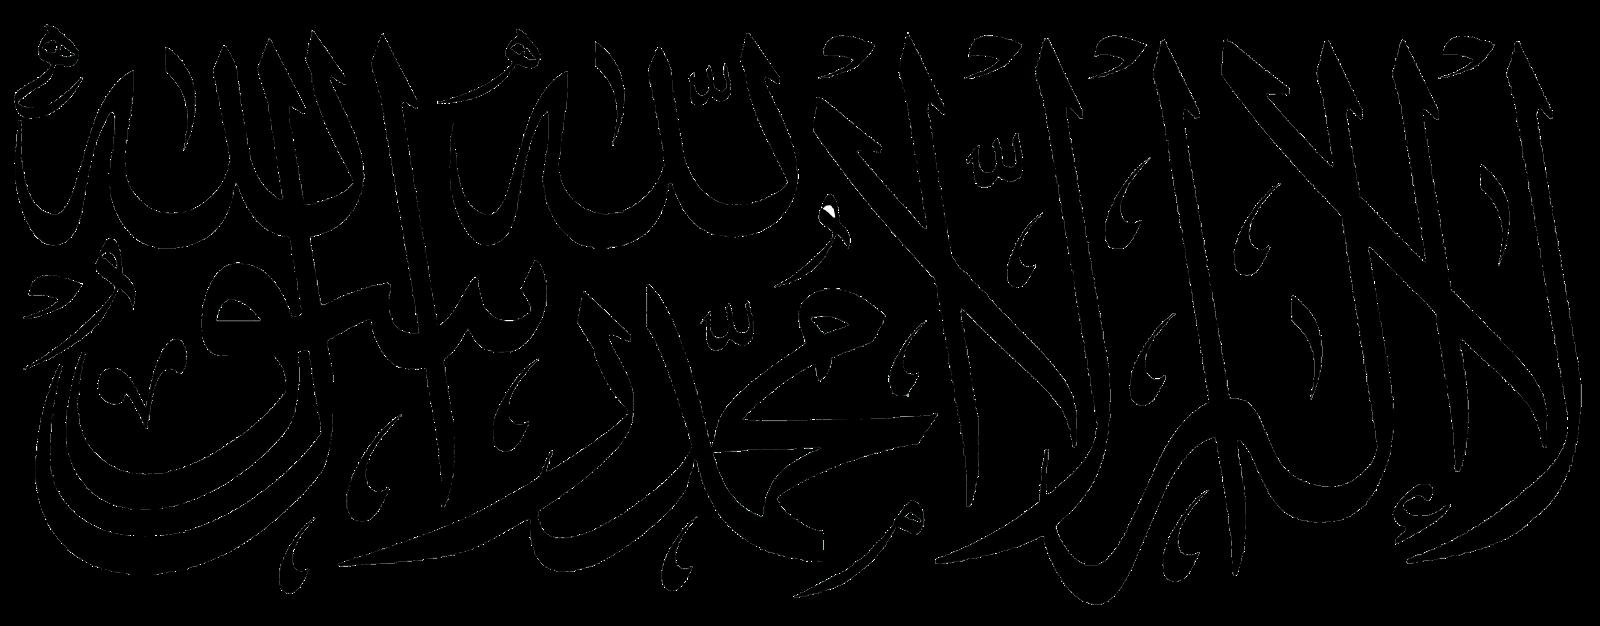 صورة زخرفة كلمات , التراث العربى القديم كانوا يبدعون فى زخرفه الكلمات